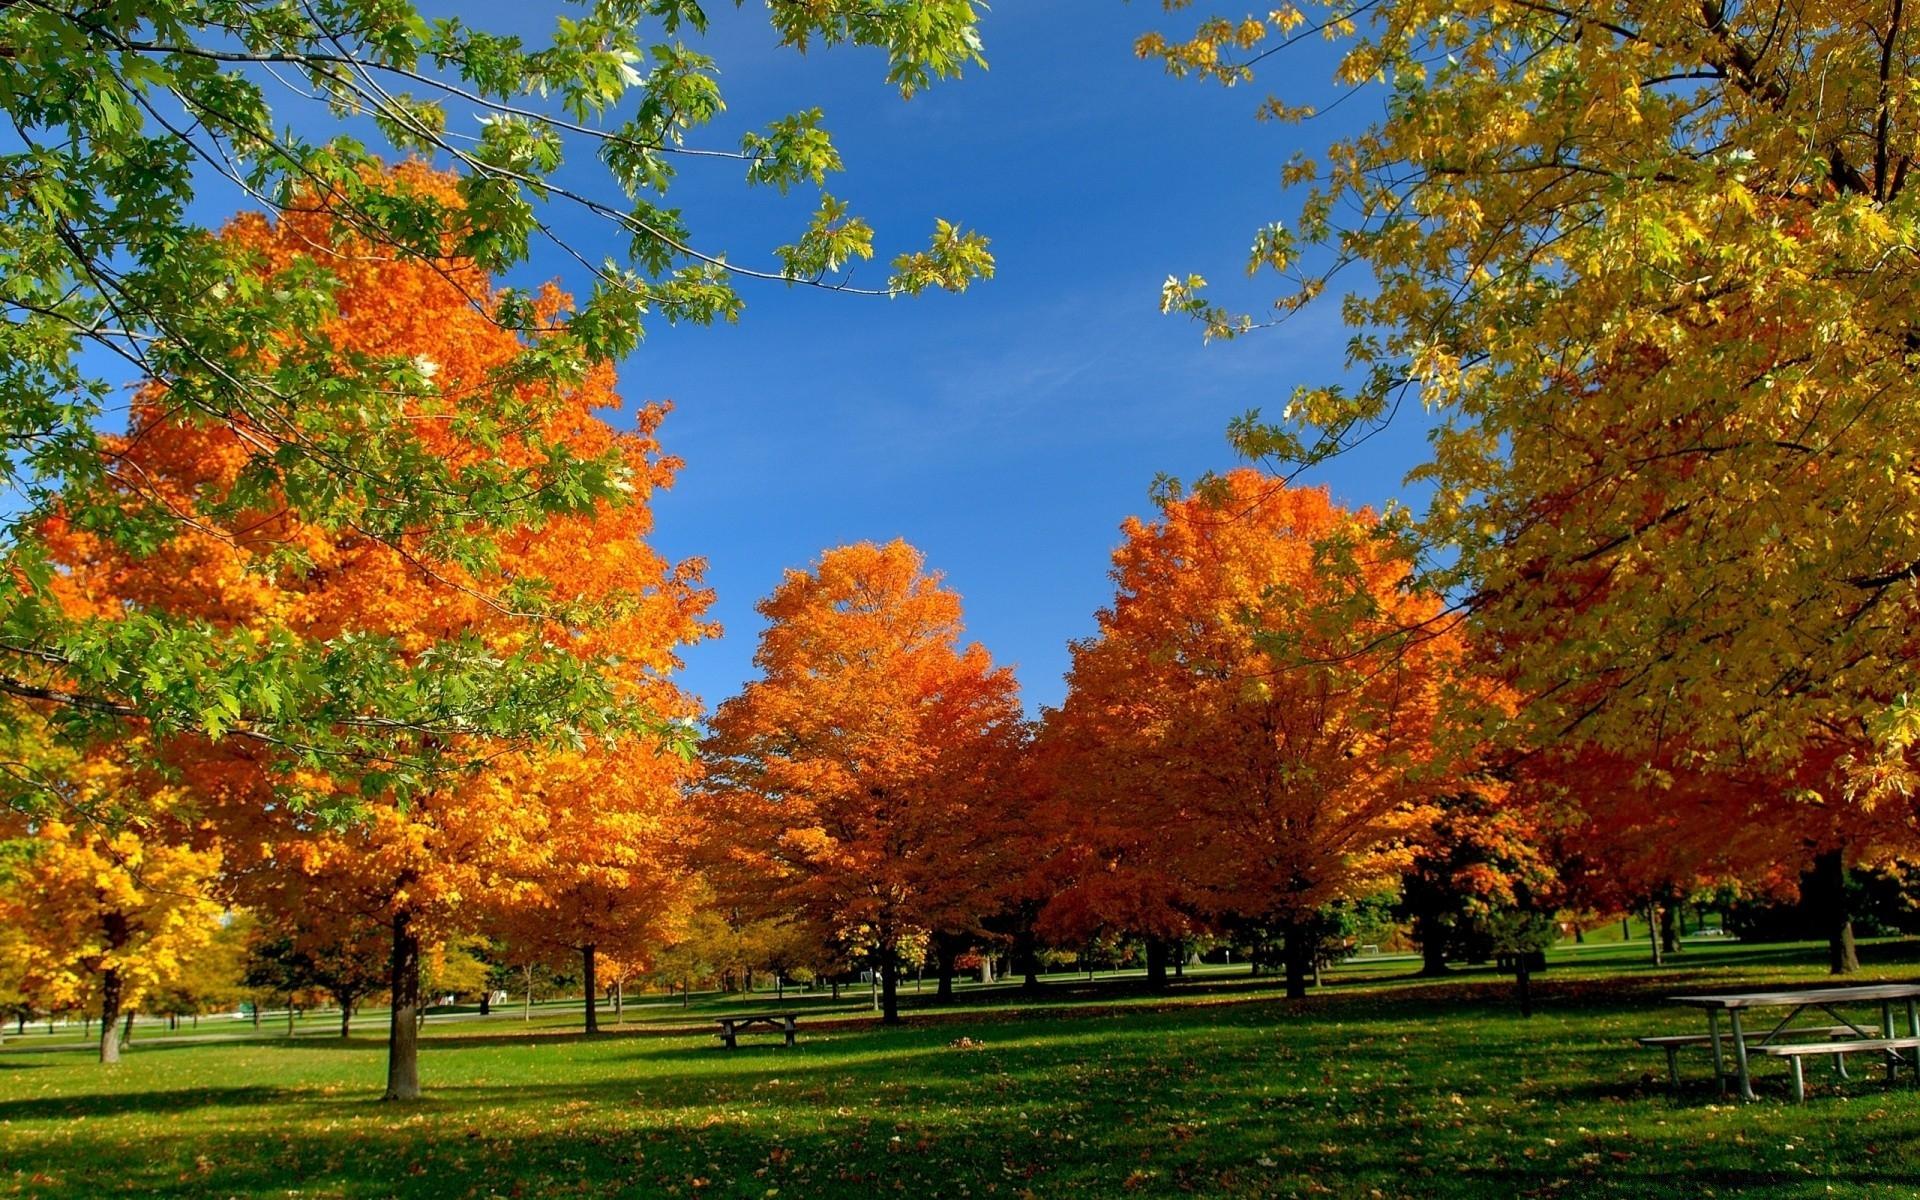 Осень в парке обои для рабочего стола011